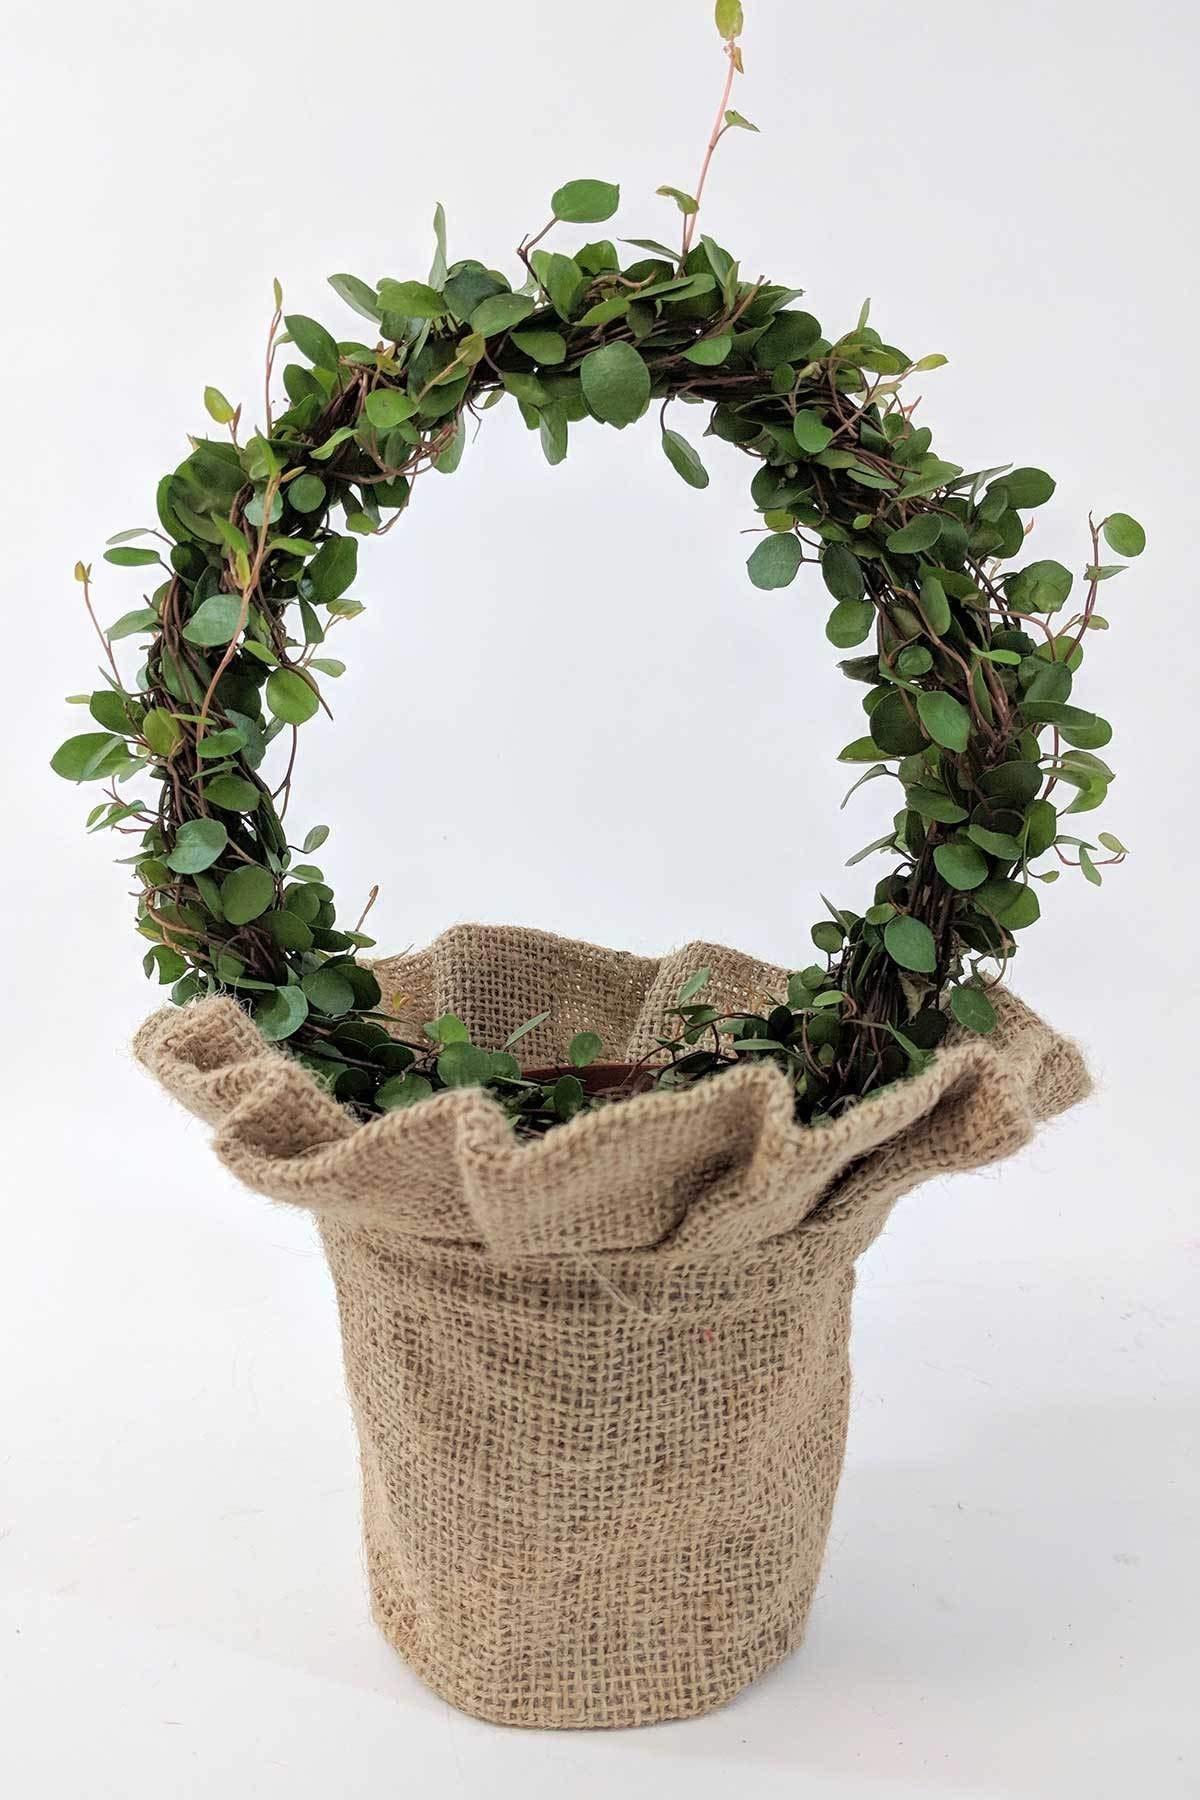 Angel Vine Wreaths in Skirted Burlap